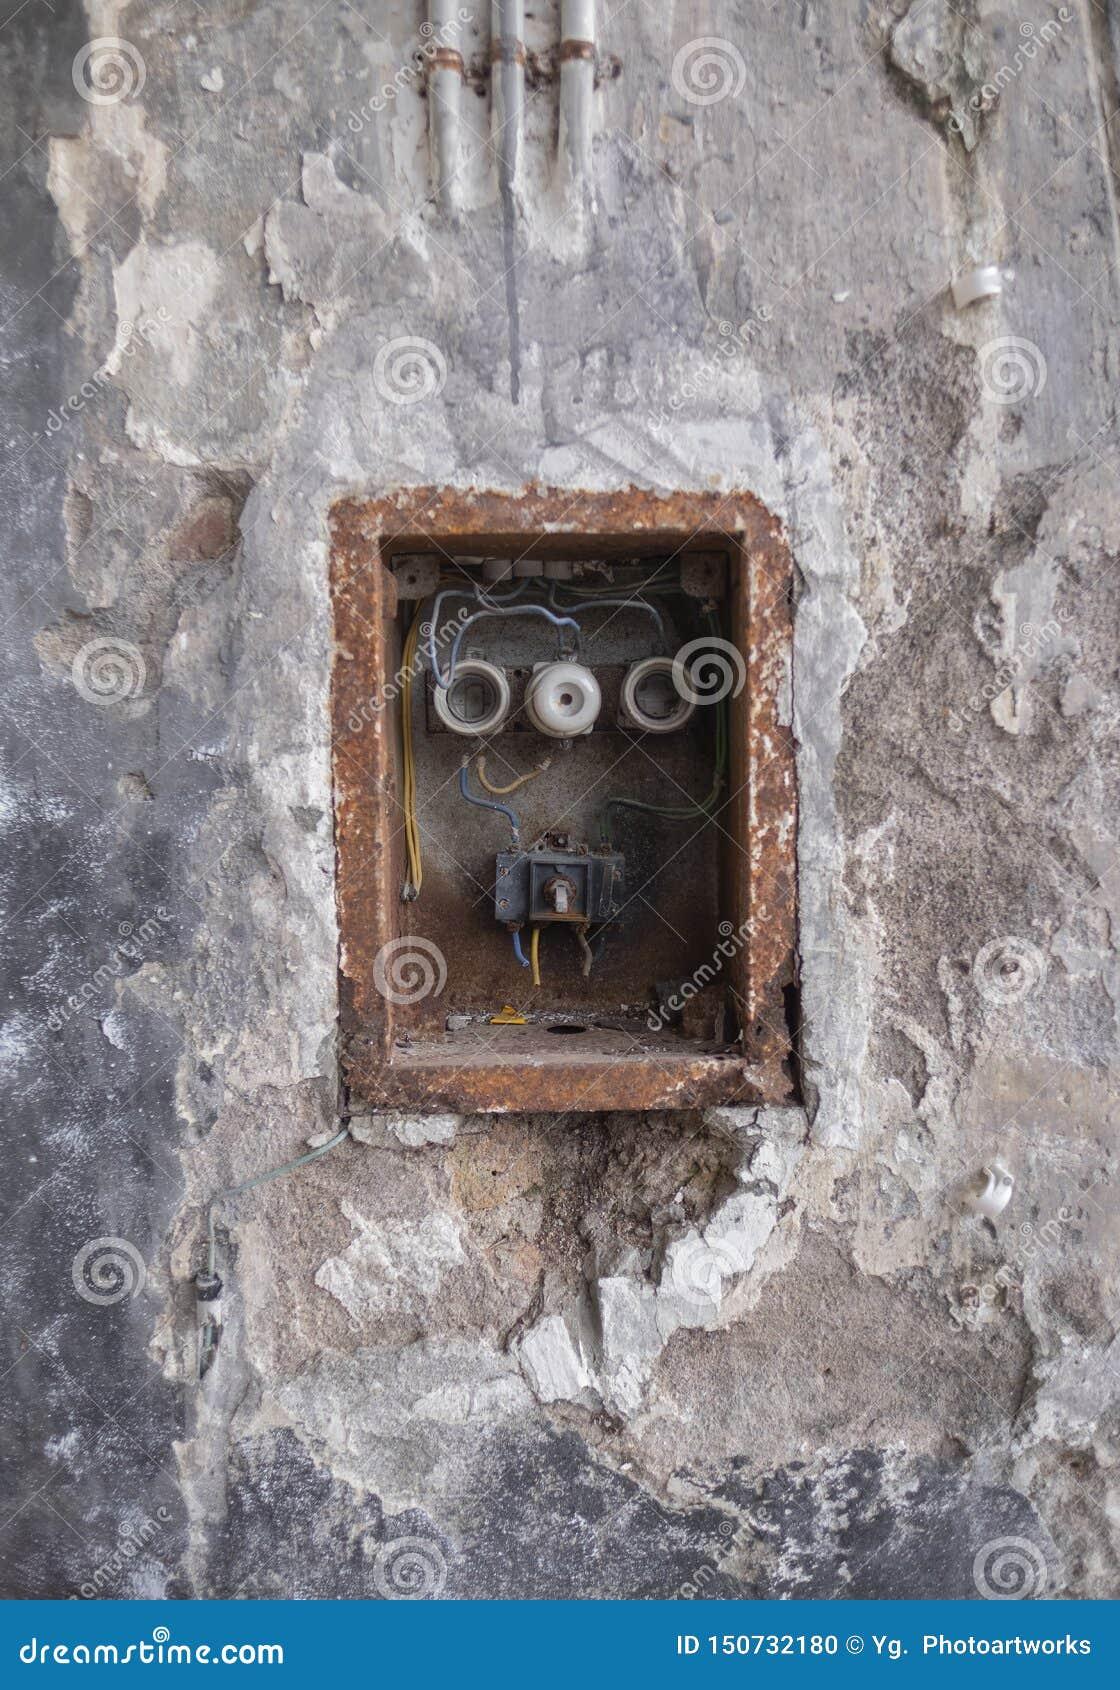 Gamla dåliga Rusty Switch Box på den red ut väggen